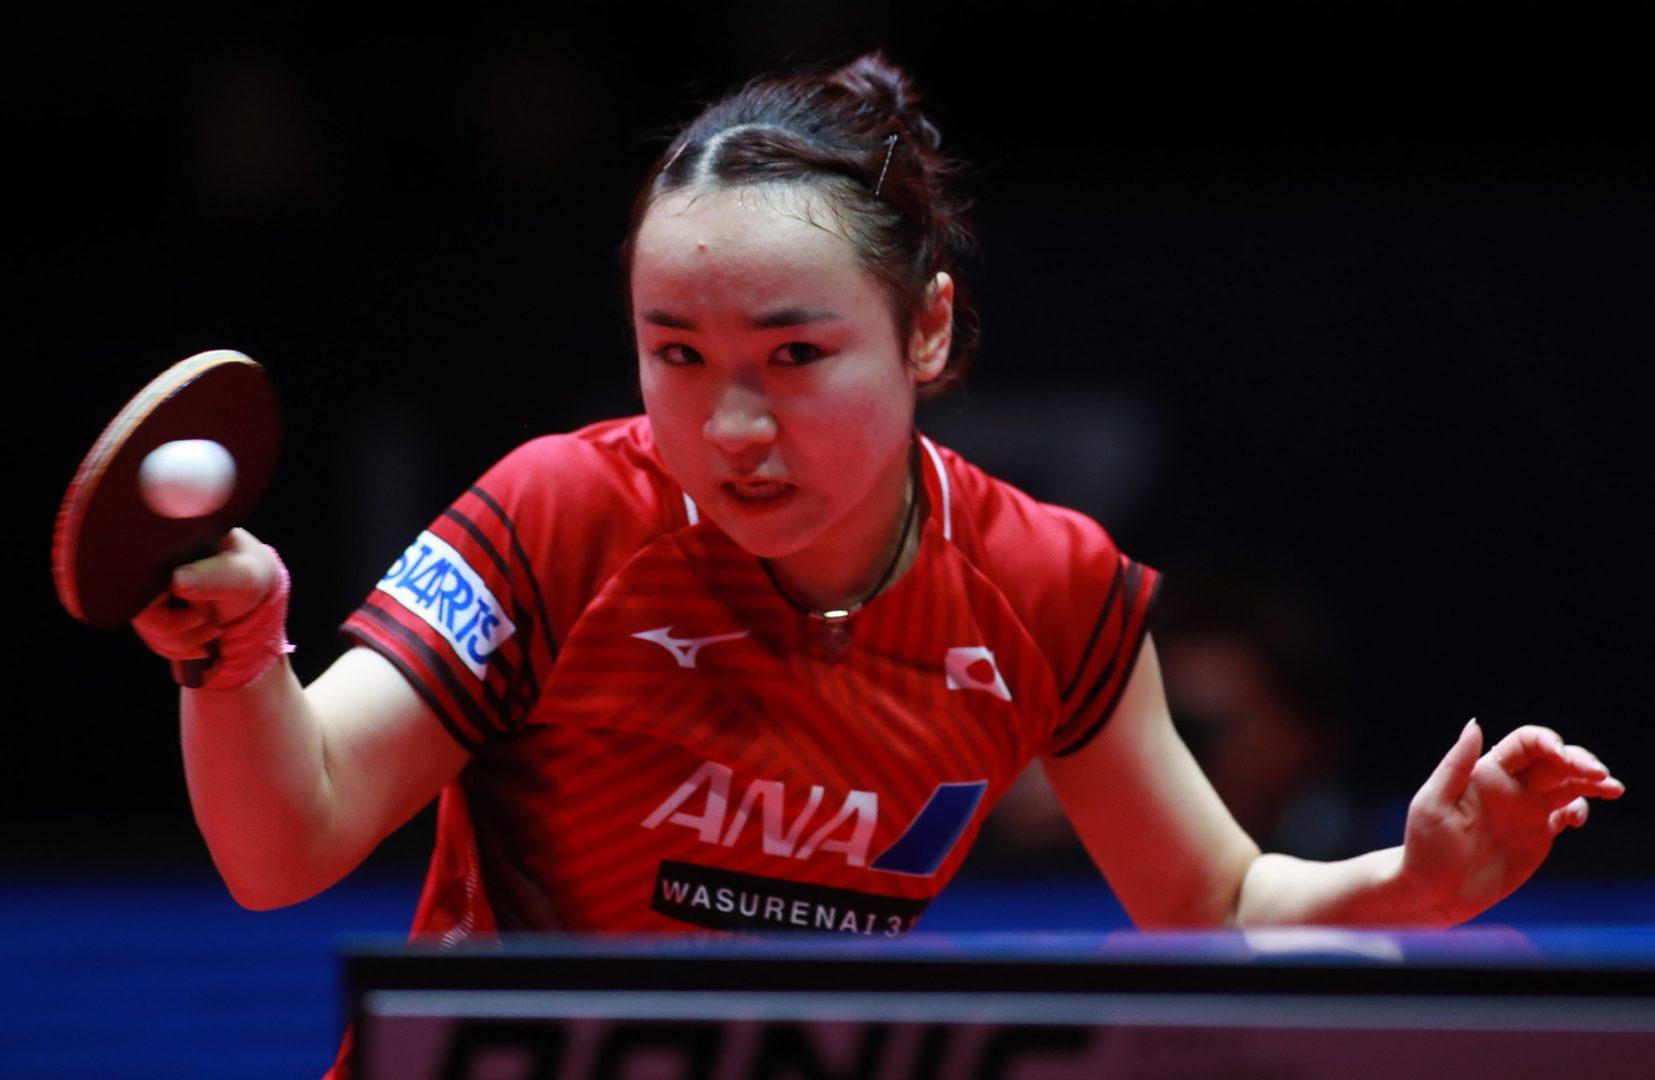 卓球女子世界ランキング(12月発表) 伊藤美誠 自己最高位の4位にジャンプアップ